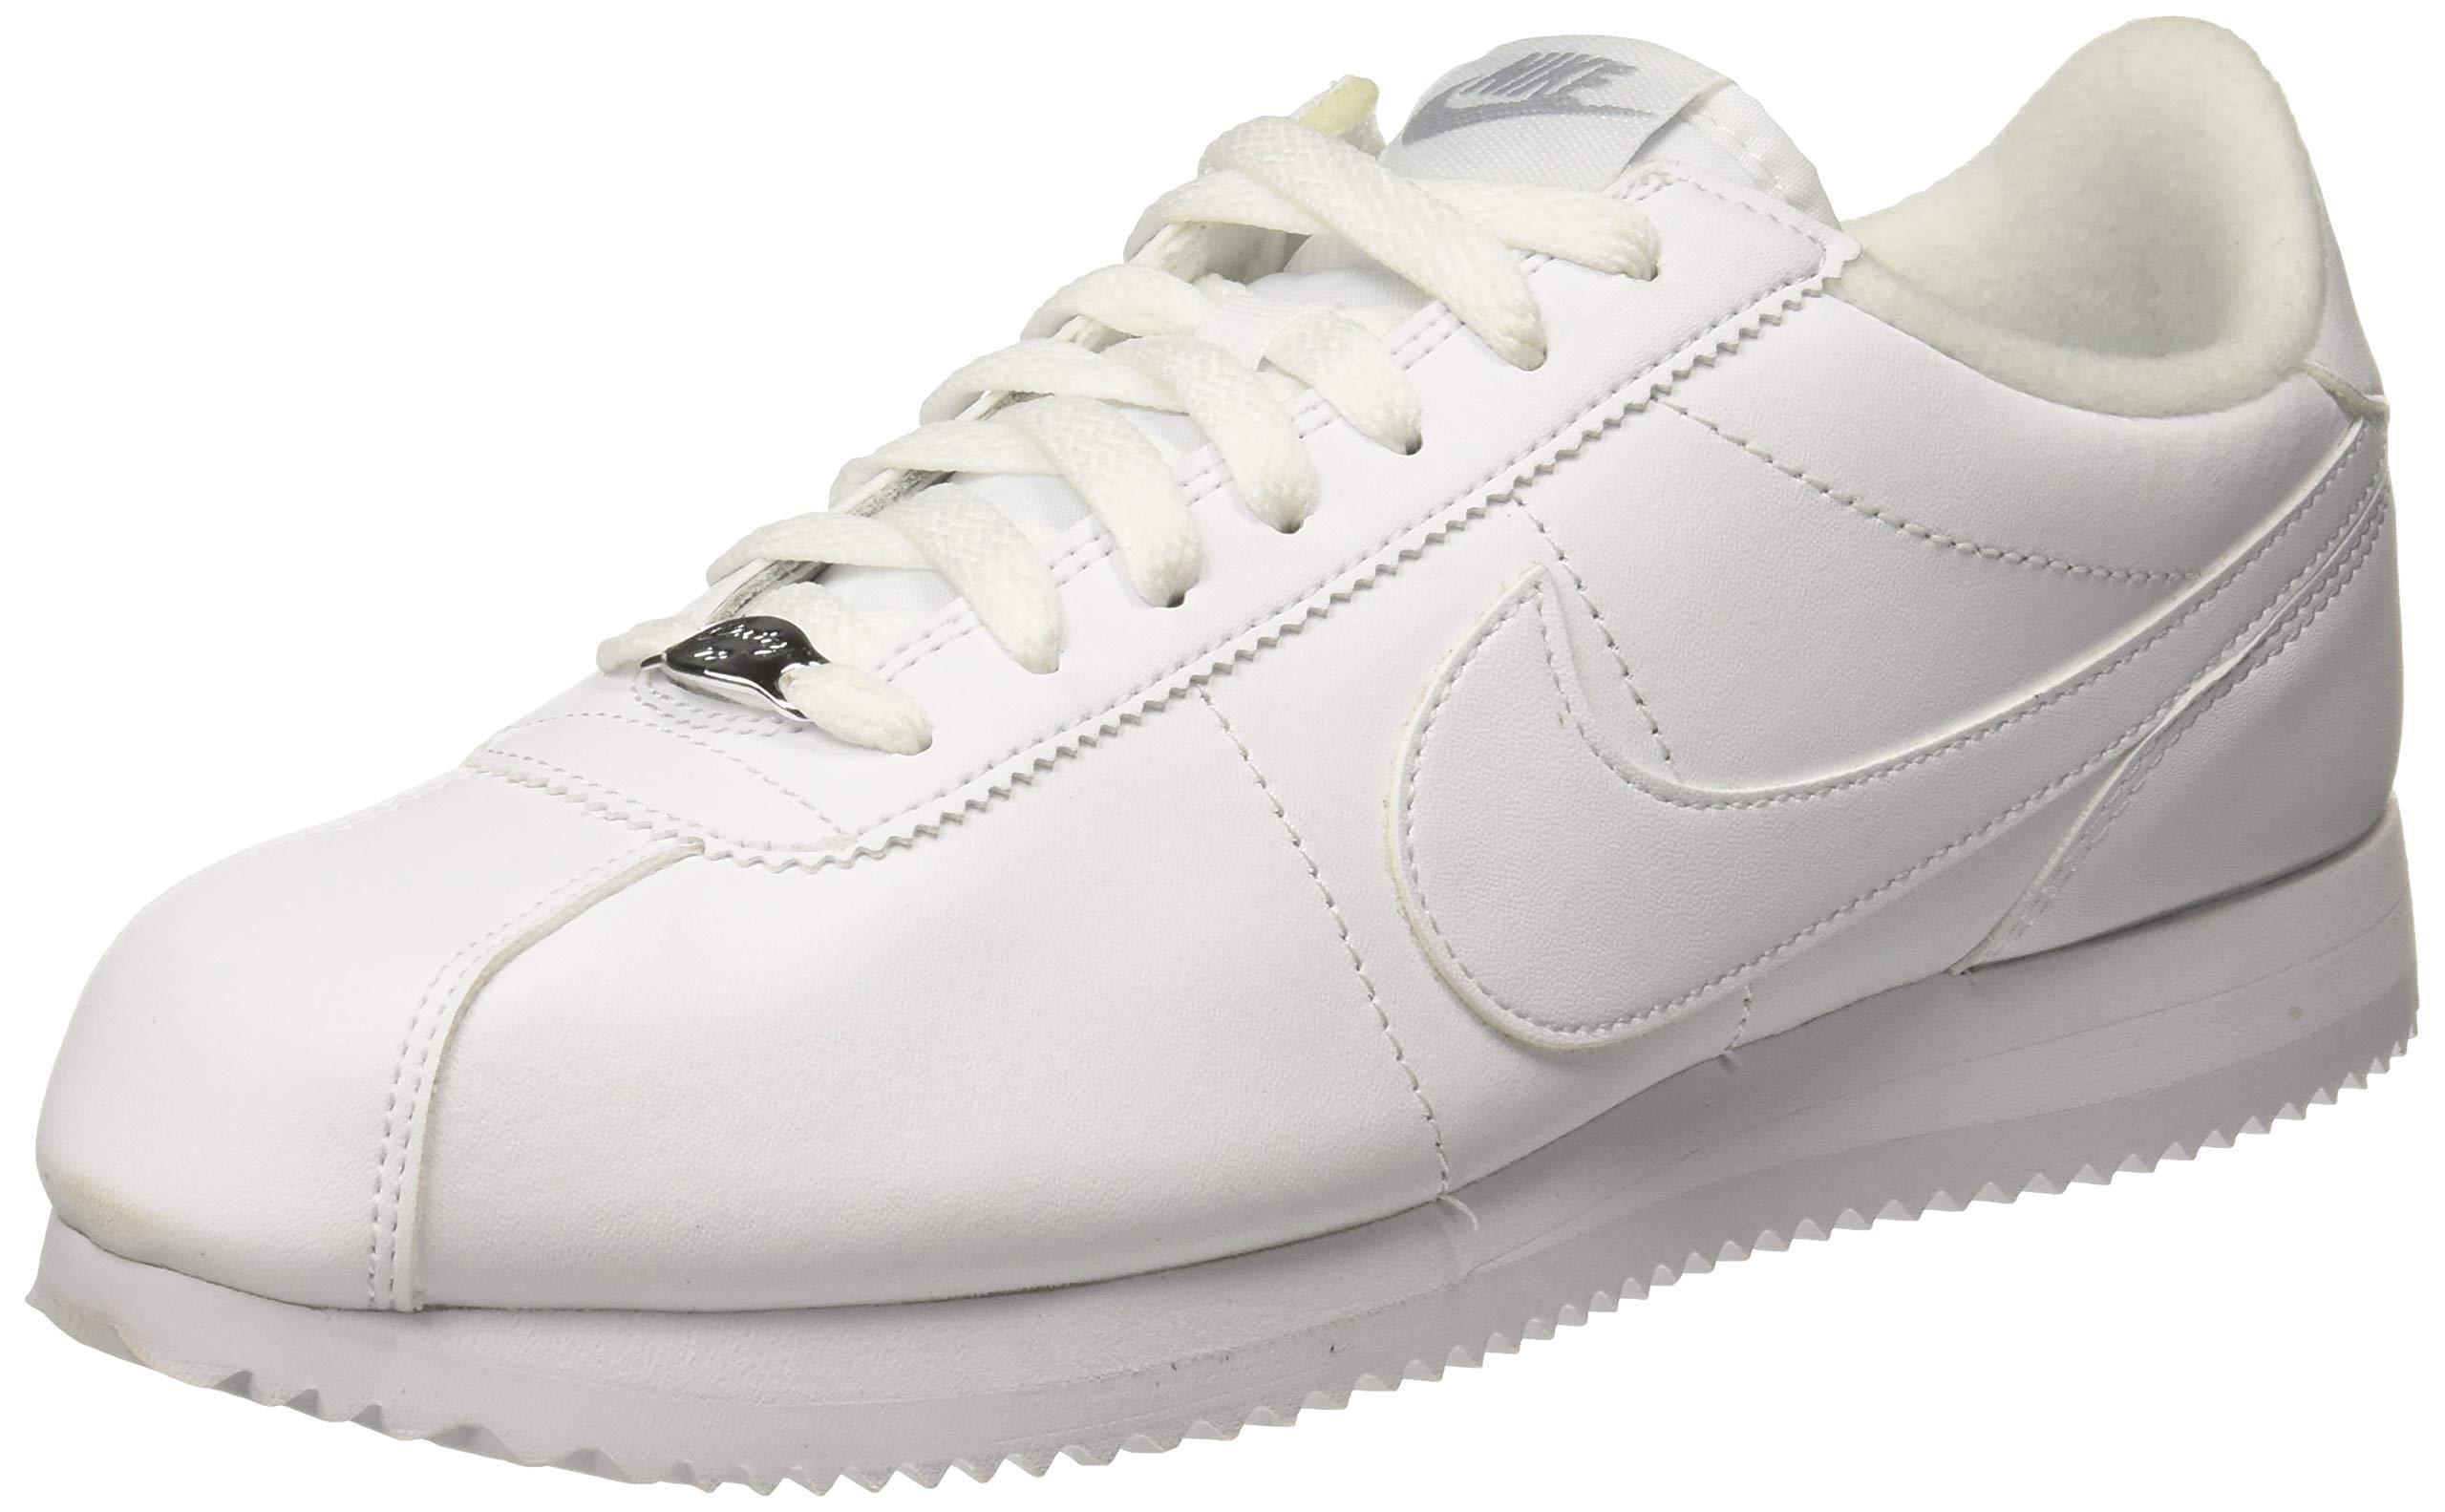 Nike Mens Cortez Leather Obsidian/White